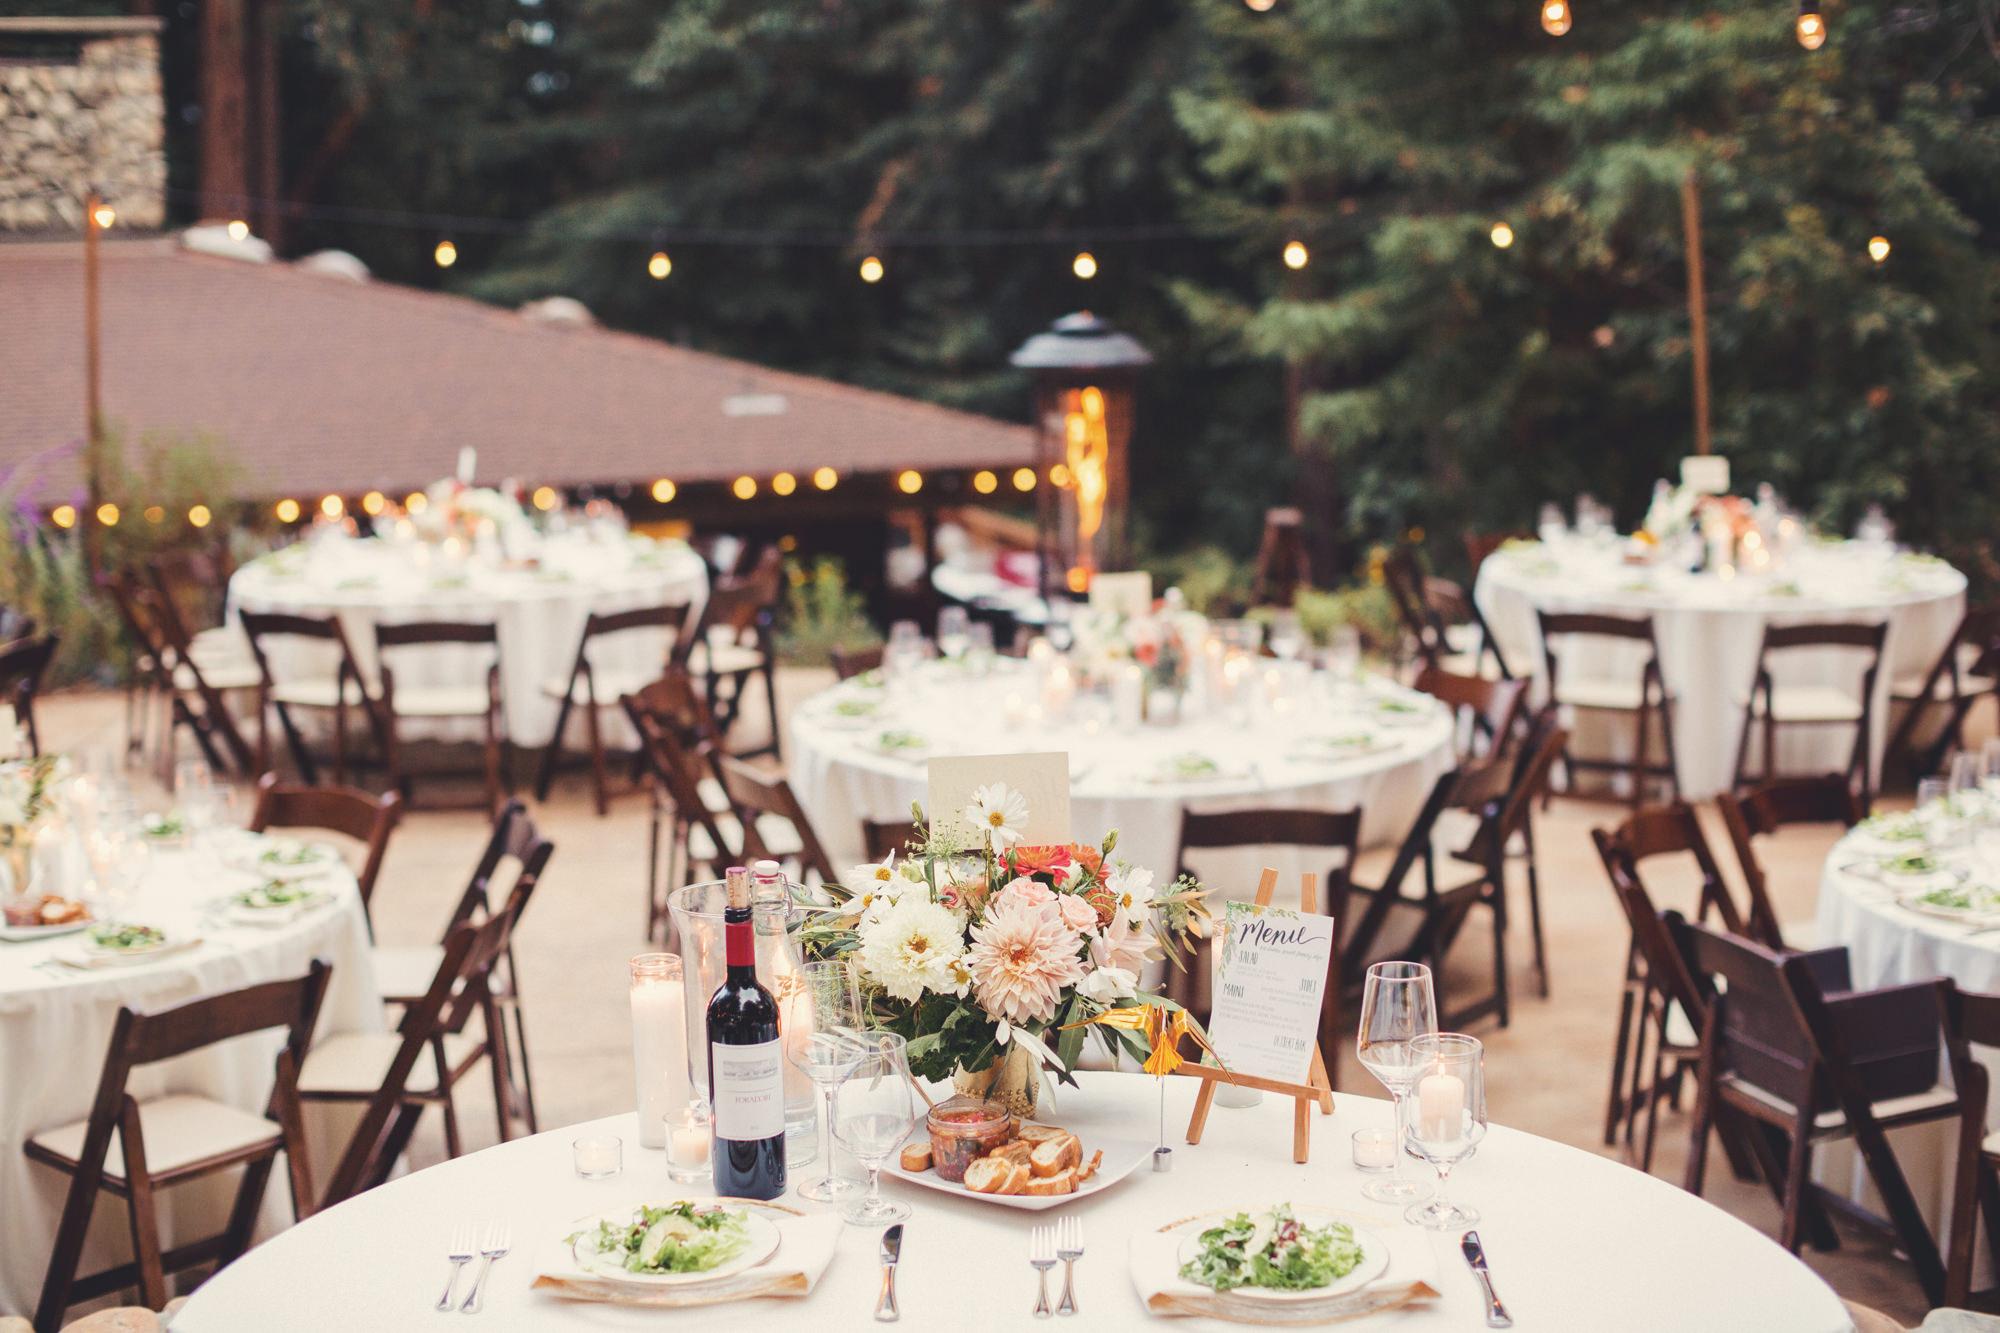 Sequoia Retreat Center Wedding@Anne-Claire Brun 178